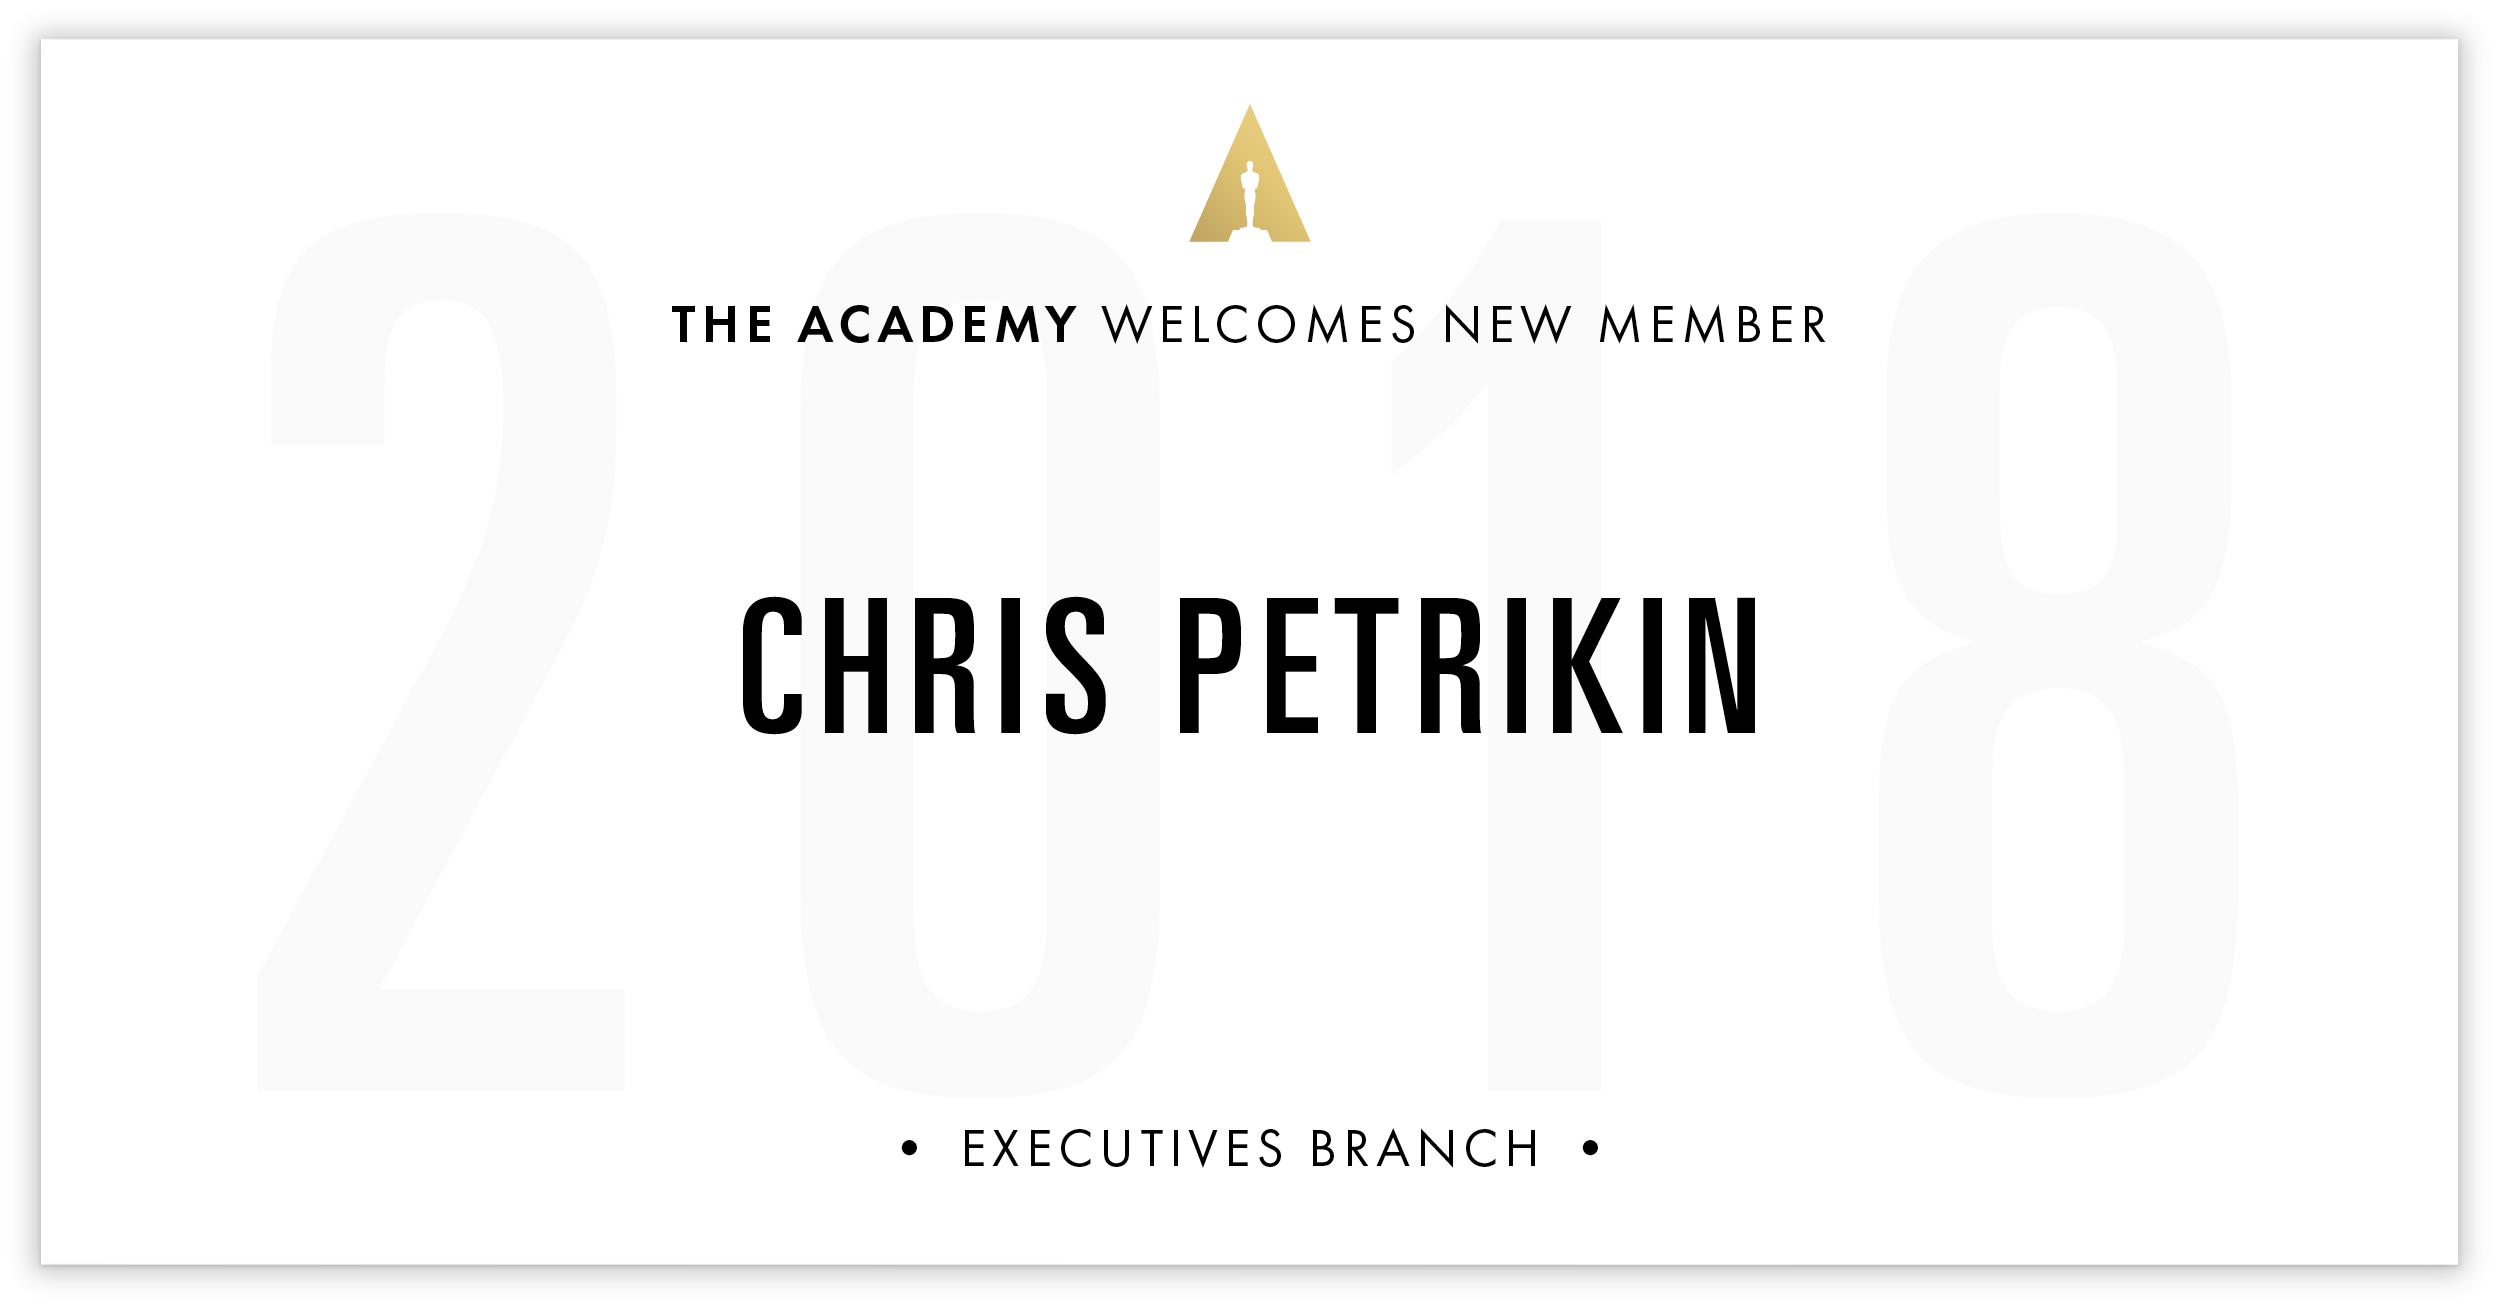 Chris Petrikin is invited!